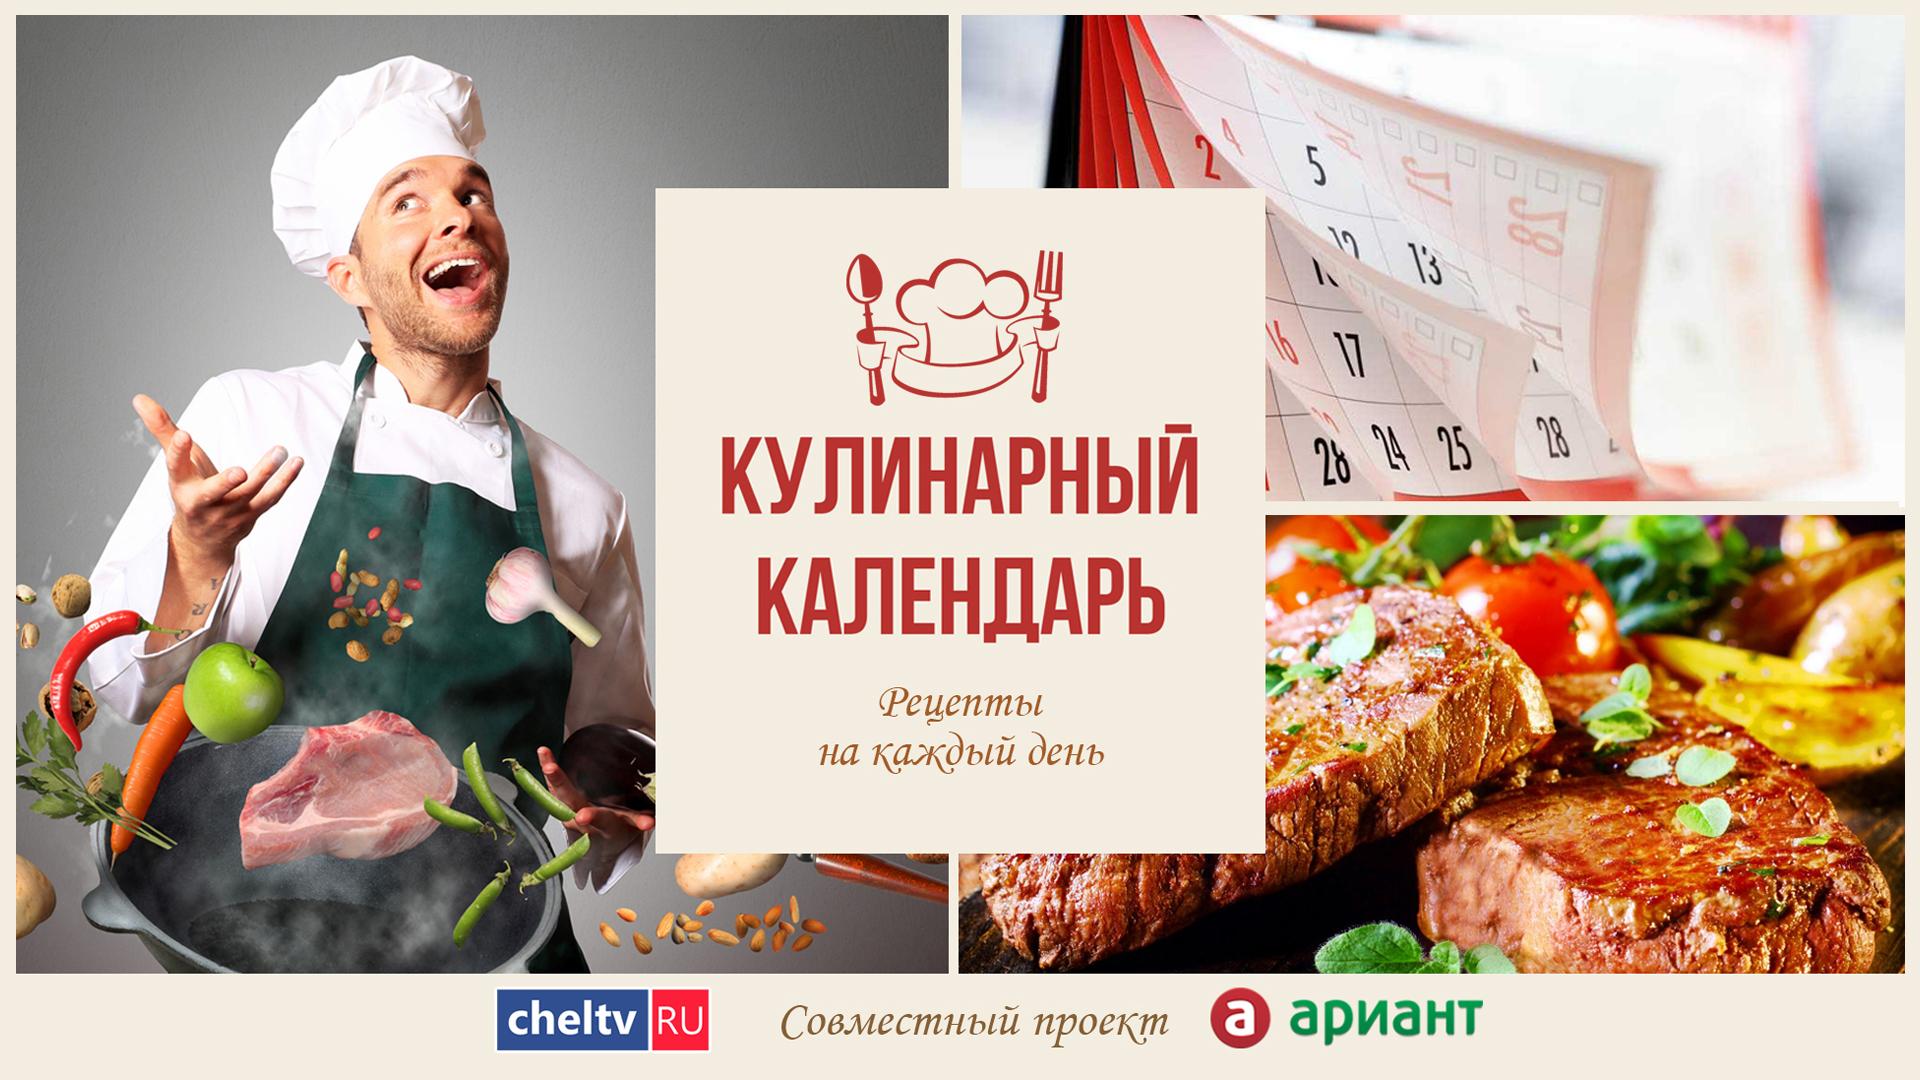 Рецепты на каждый день. Новогодний календарь от cheltv.ru - паста с чоризо